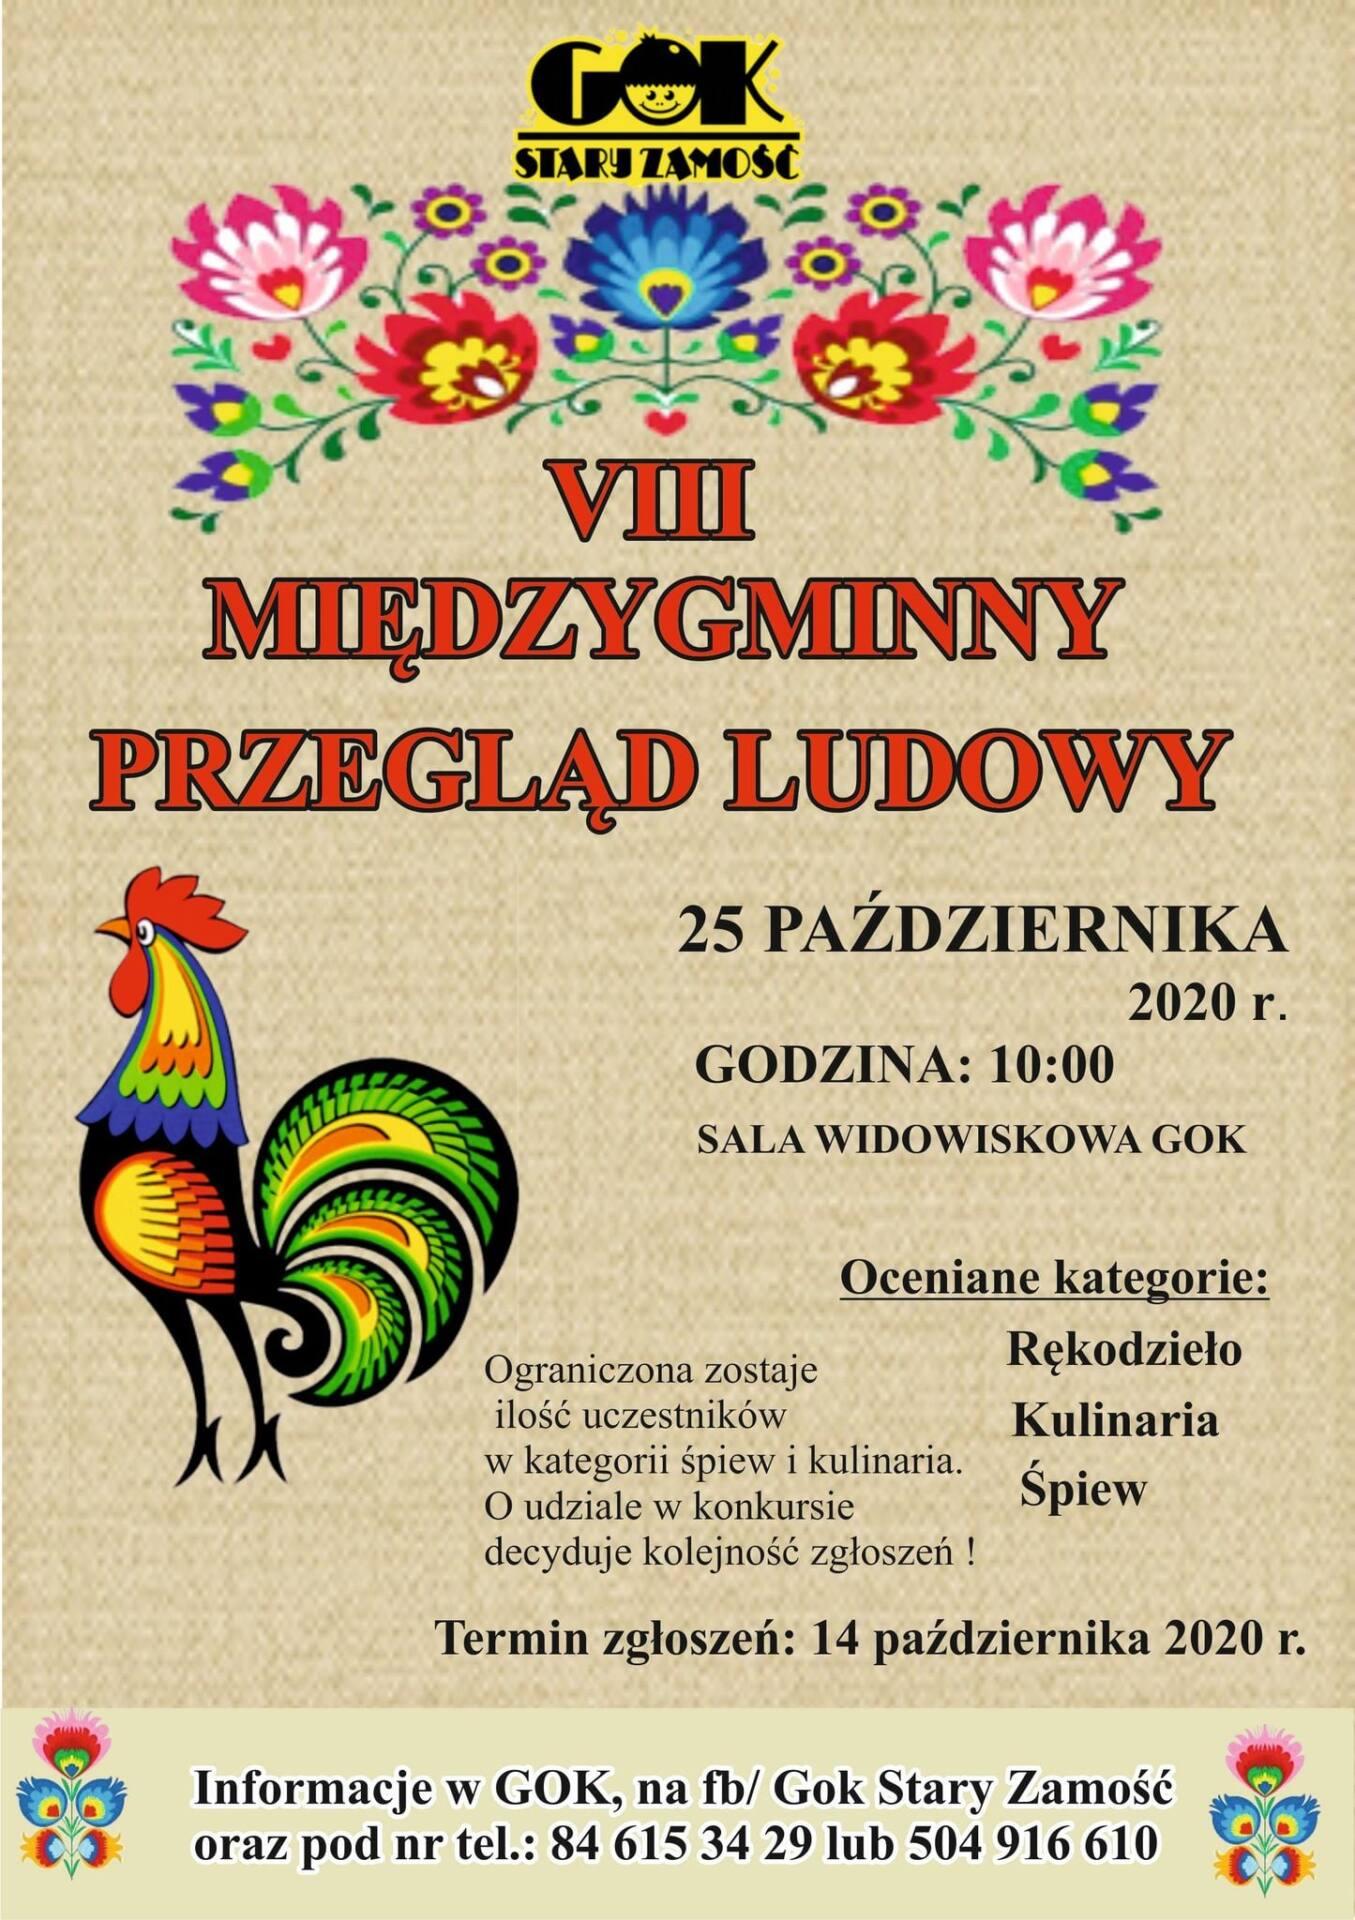 120415458 2435454886759277 3695956448904478589 o GOK Stary Zamość zaprasza na MiędzygminnyPrzegląd Ludowy.